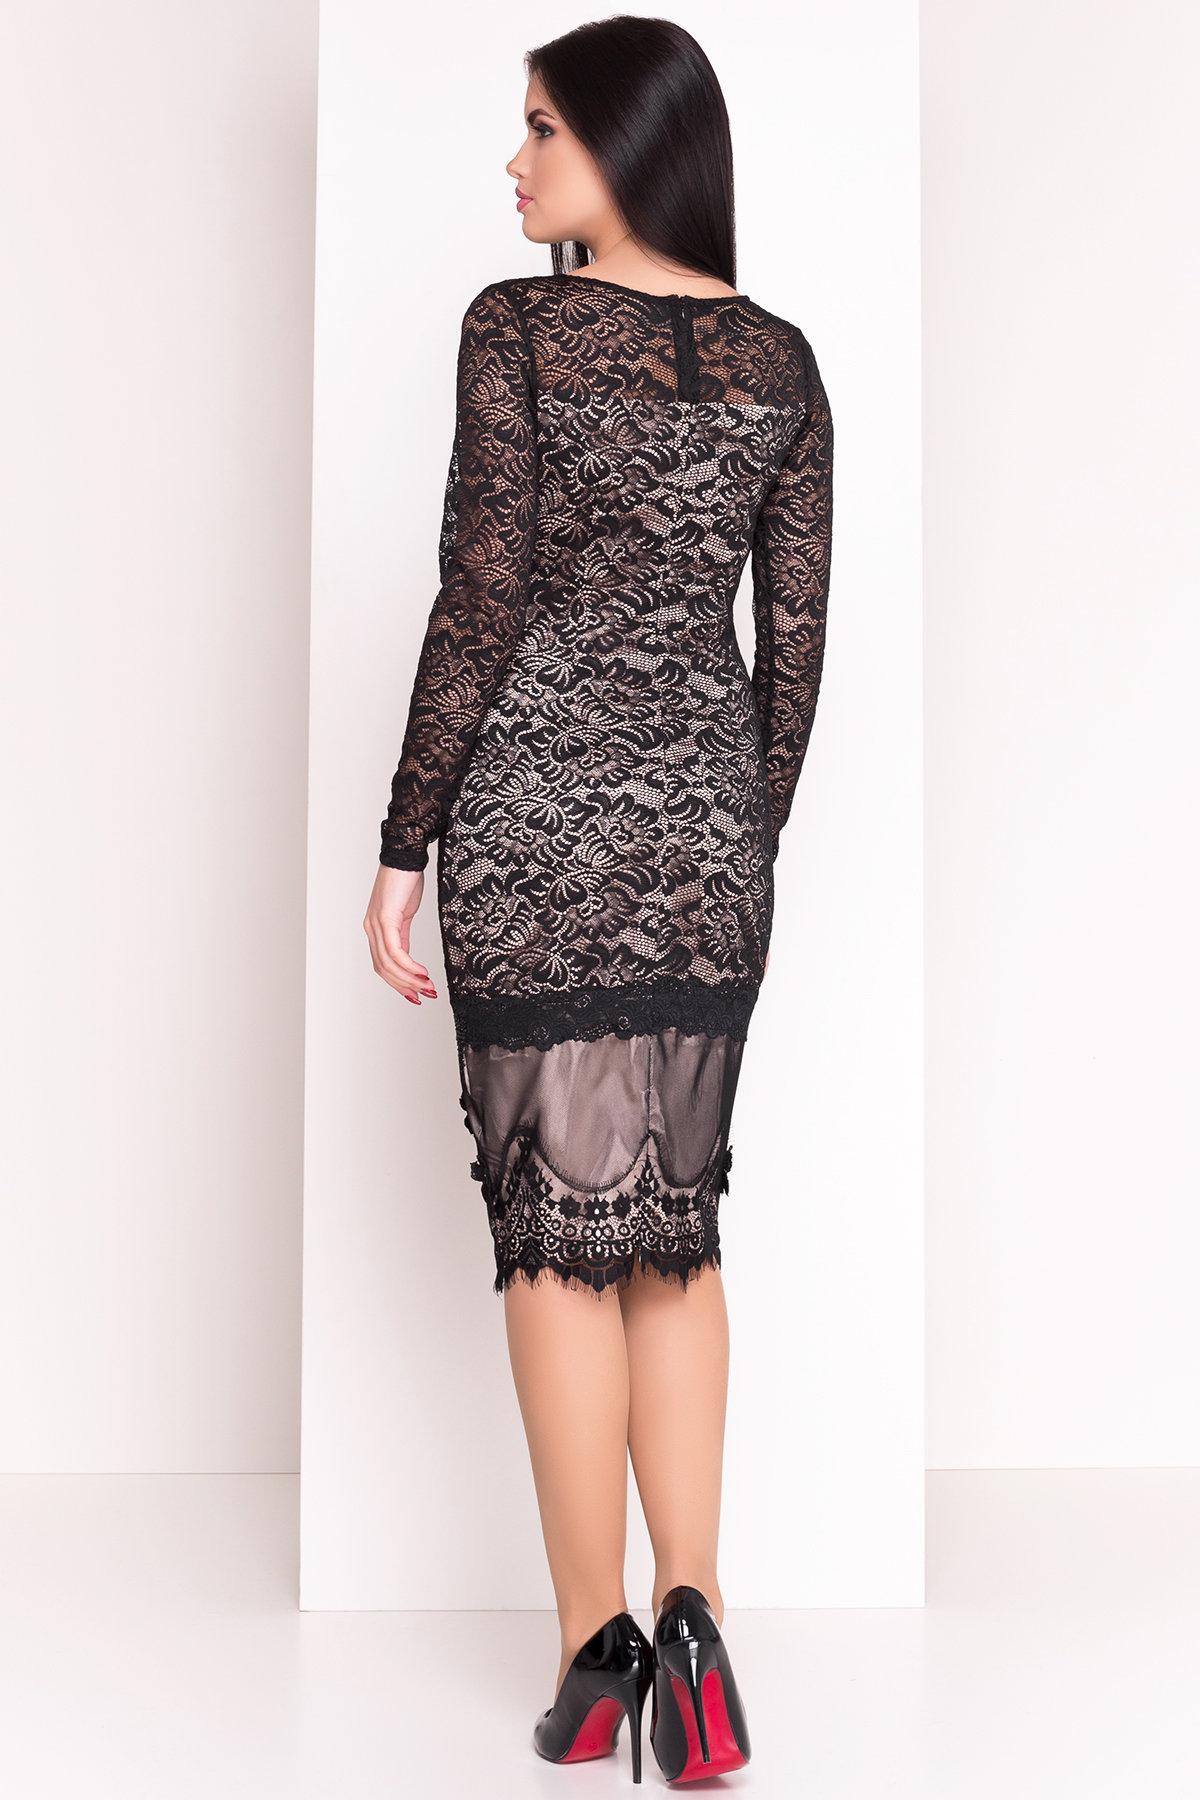 Платье Россини 4189 Цвет: Черн/беж вензеля/стразы